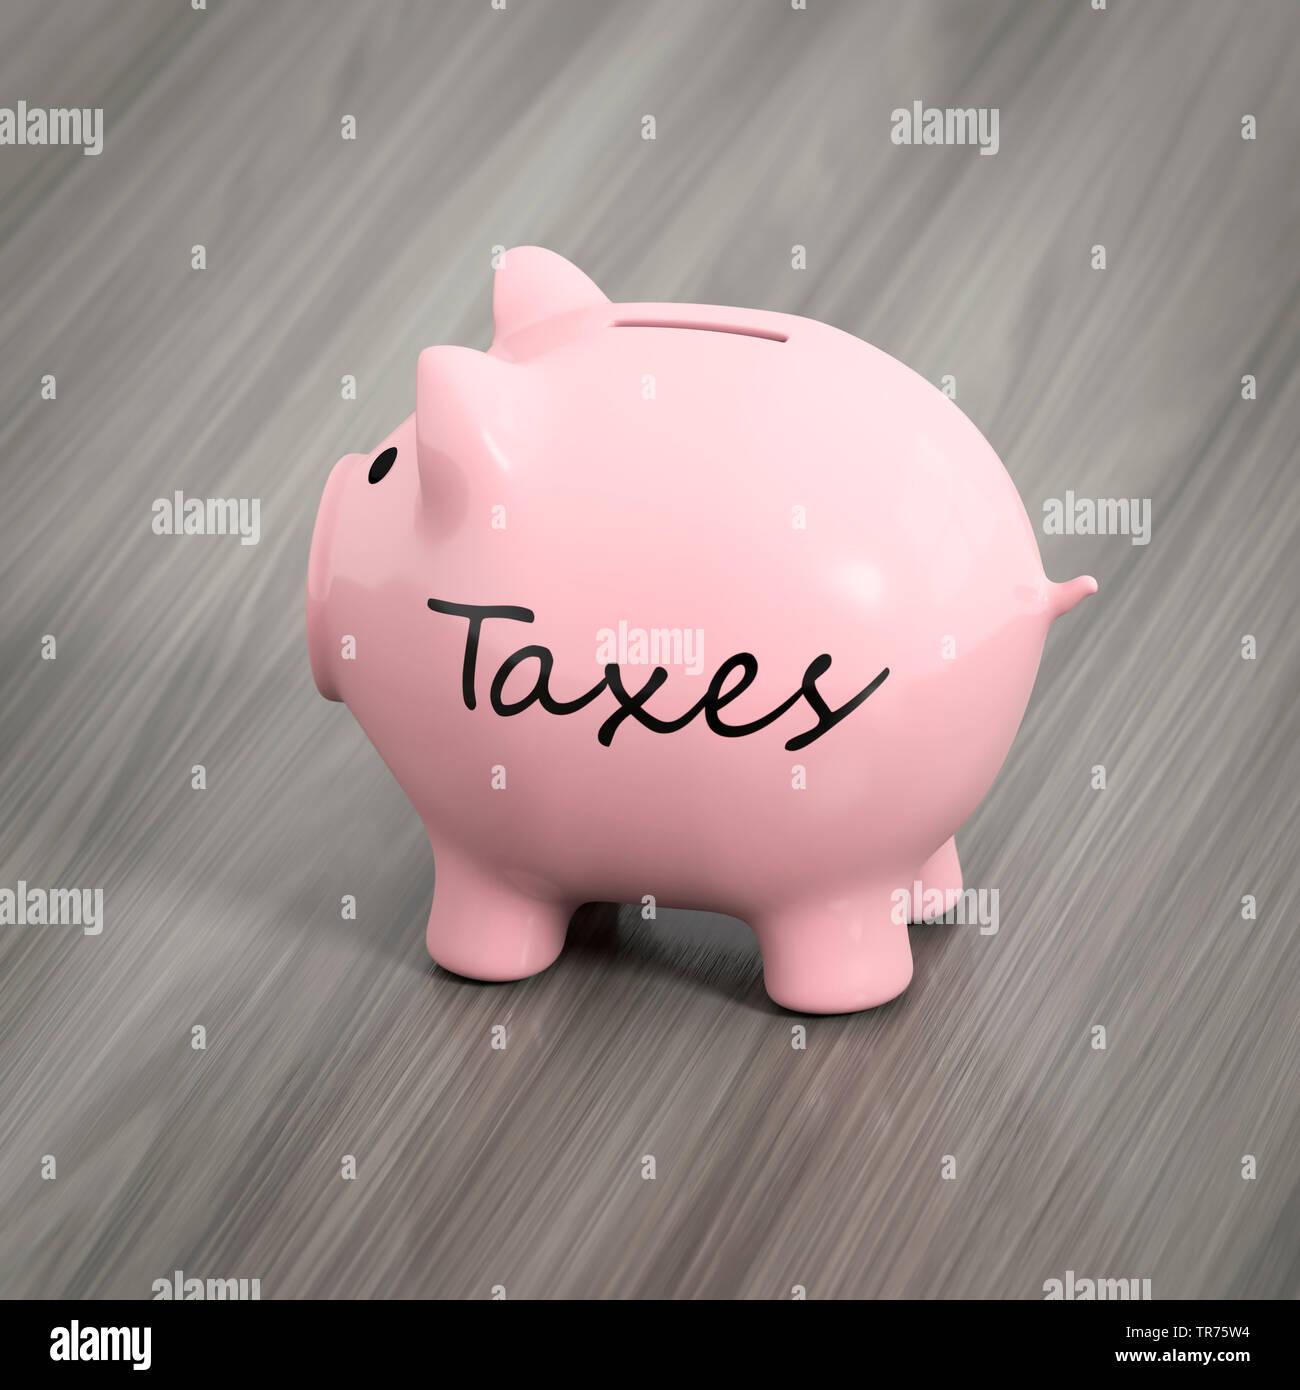 Rosa Sparschwein mit dem Wort steuern Stockfoto